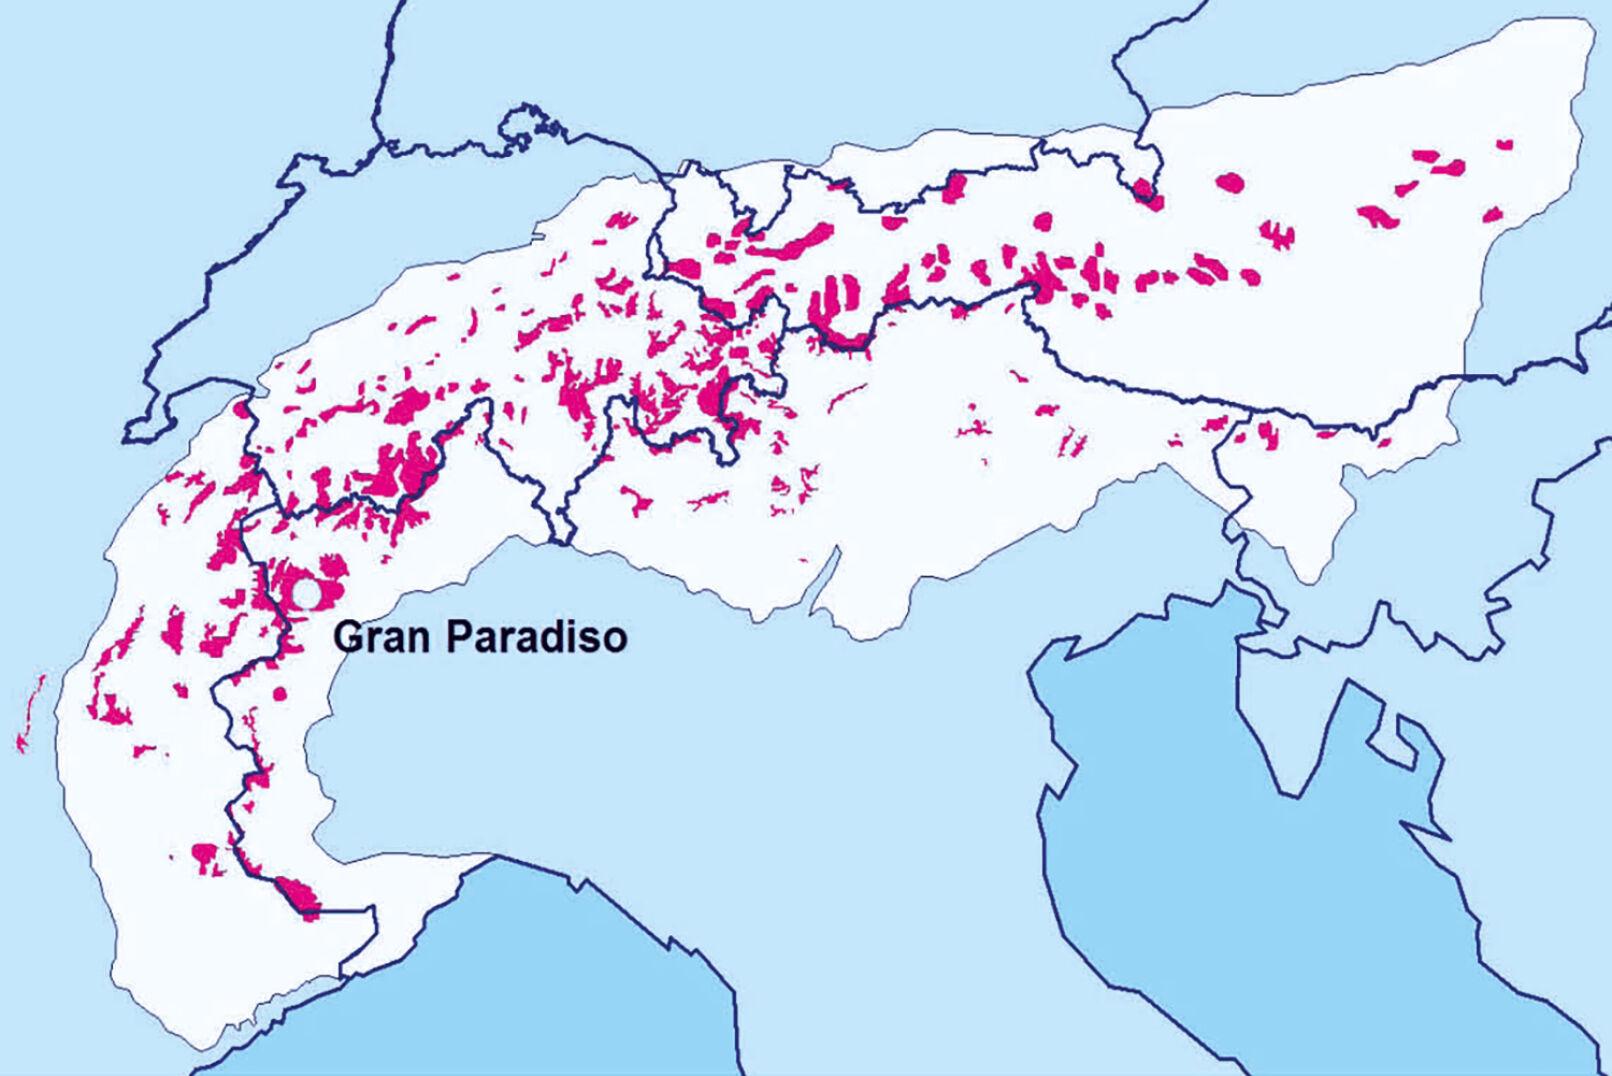 Abbildung 4 - Vorkommensgebietedes Steinwildes im Alpenraum (rote Flächen) sowie Ursprungsort aller heute lebender Steinböcke (Gran Paradiso, Italien). - © Grafik Reimoser